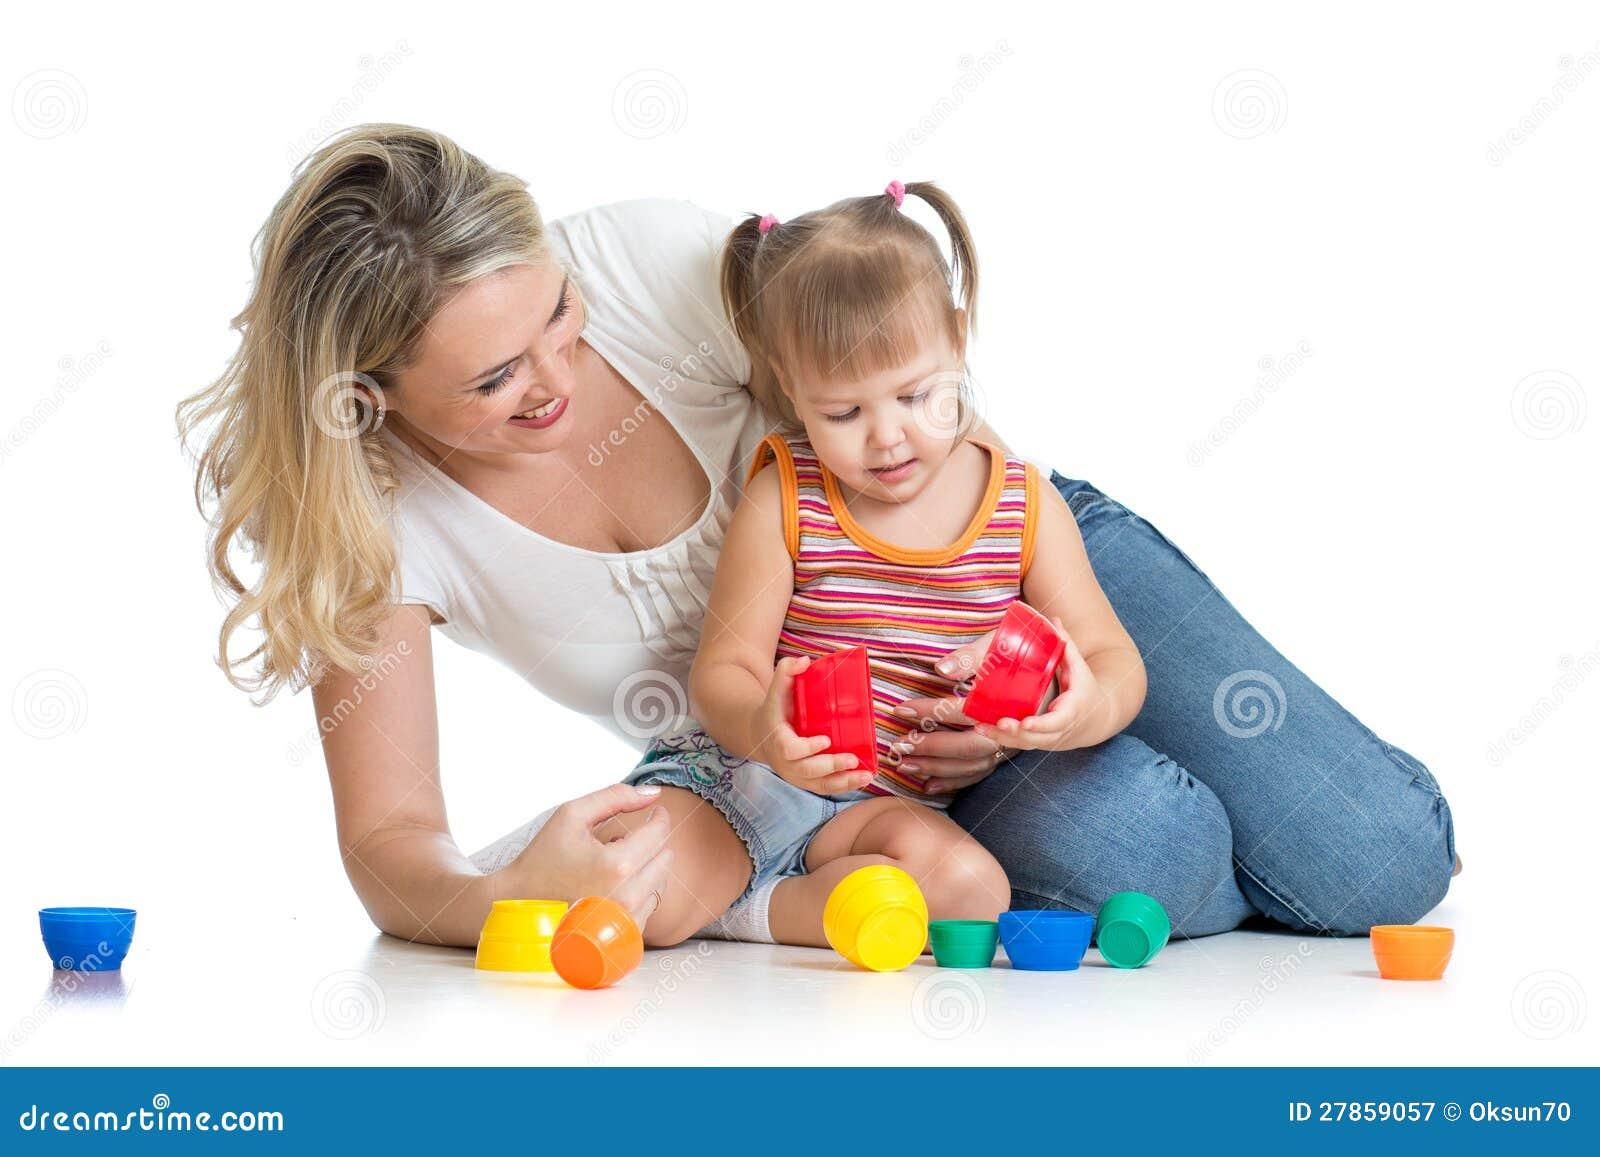 Wraz z zabawkami dzieciak matki dziewczyny sztuka i